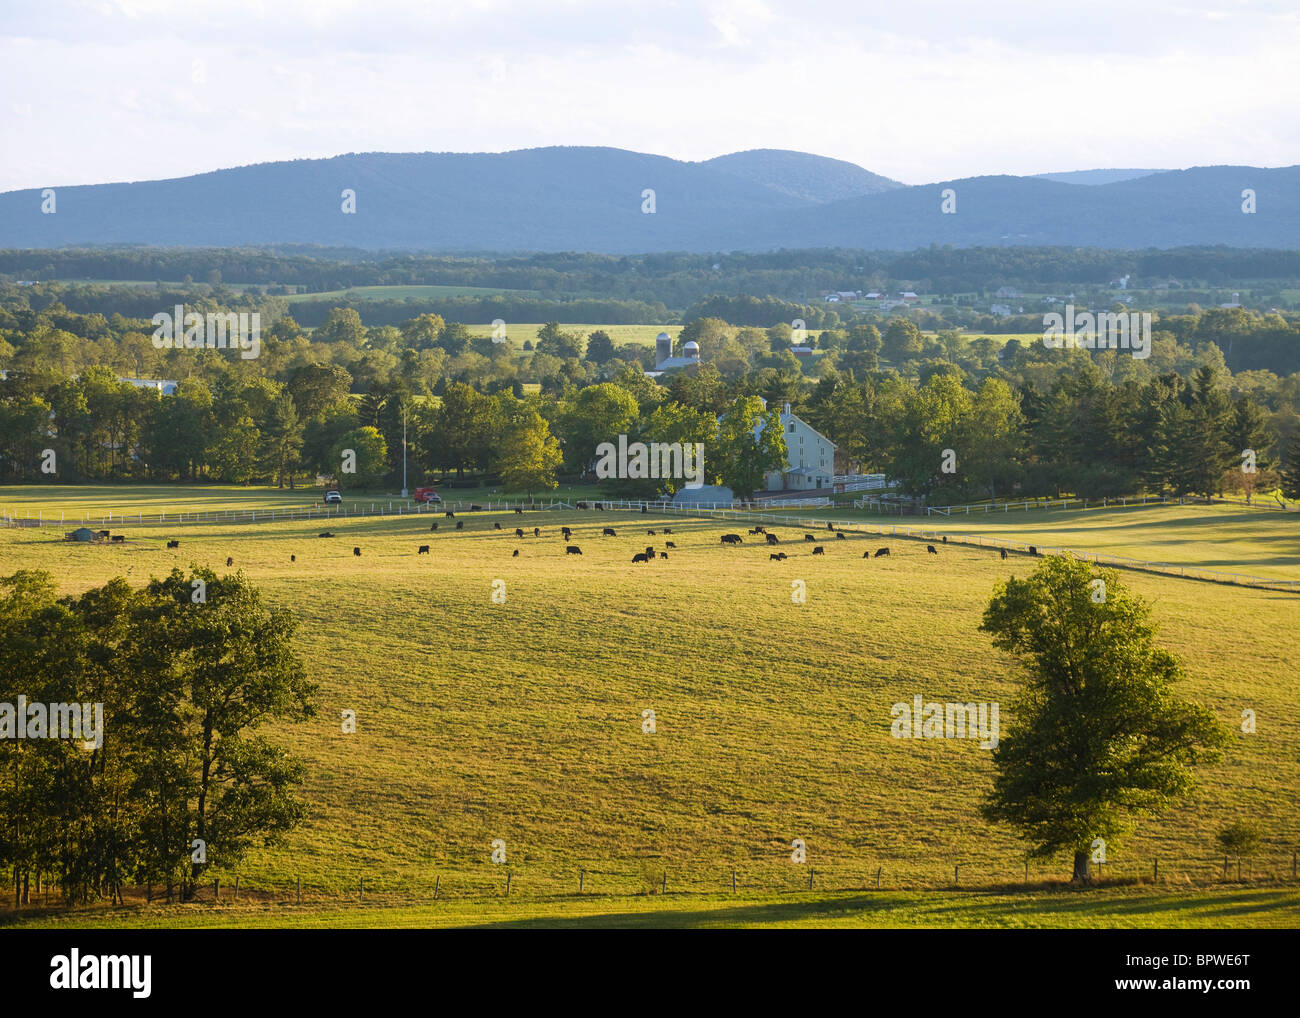 Ferme américaine et de bovins en fin d'après-midi - New York, USA Photo Stock